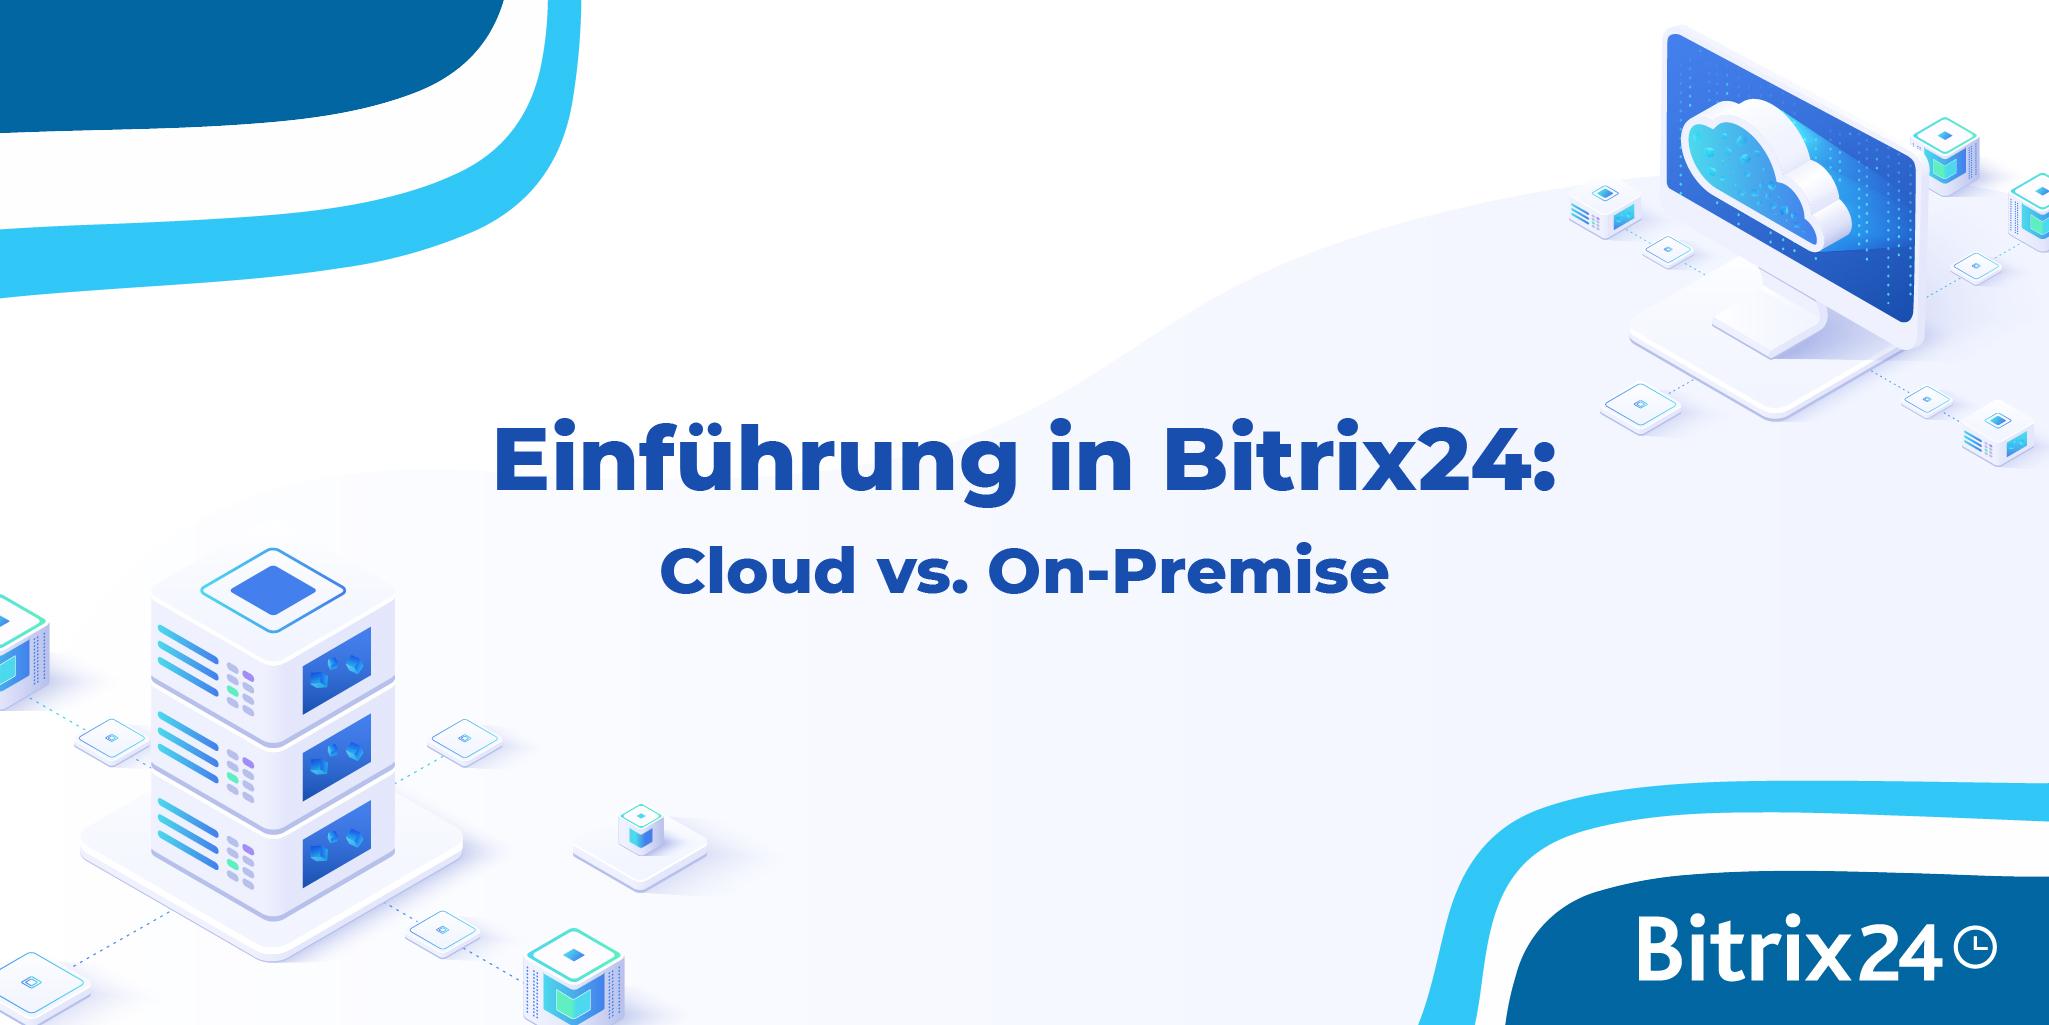 Webinar: Einführung in Bitrix24 - Cloud vs. On-Premise